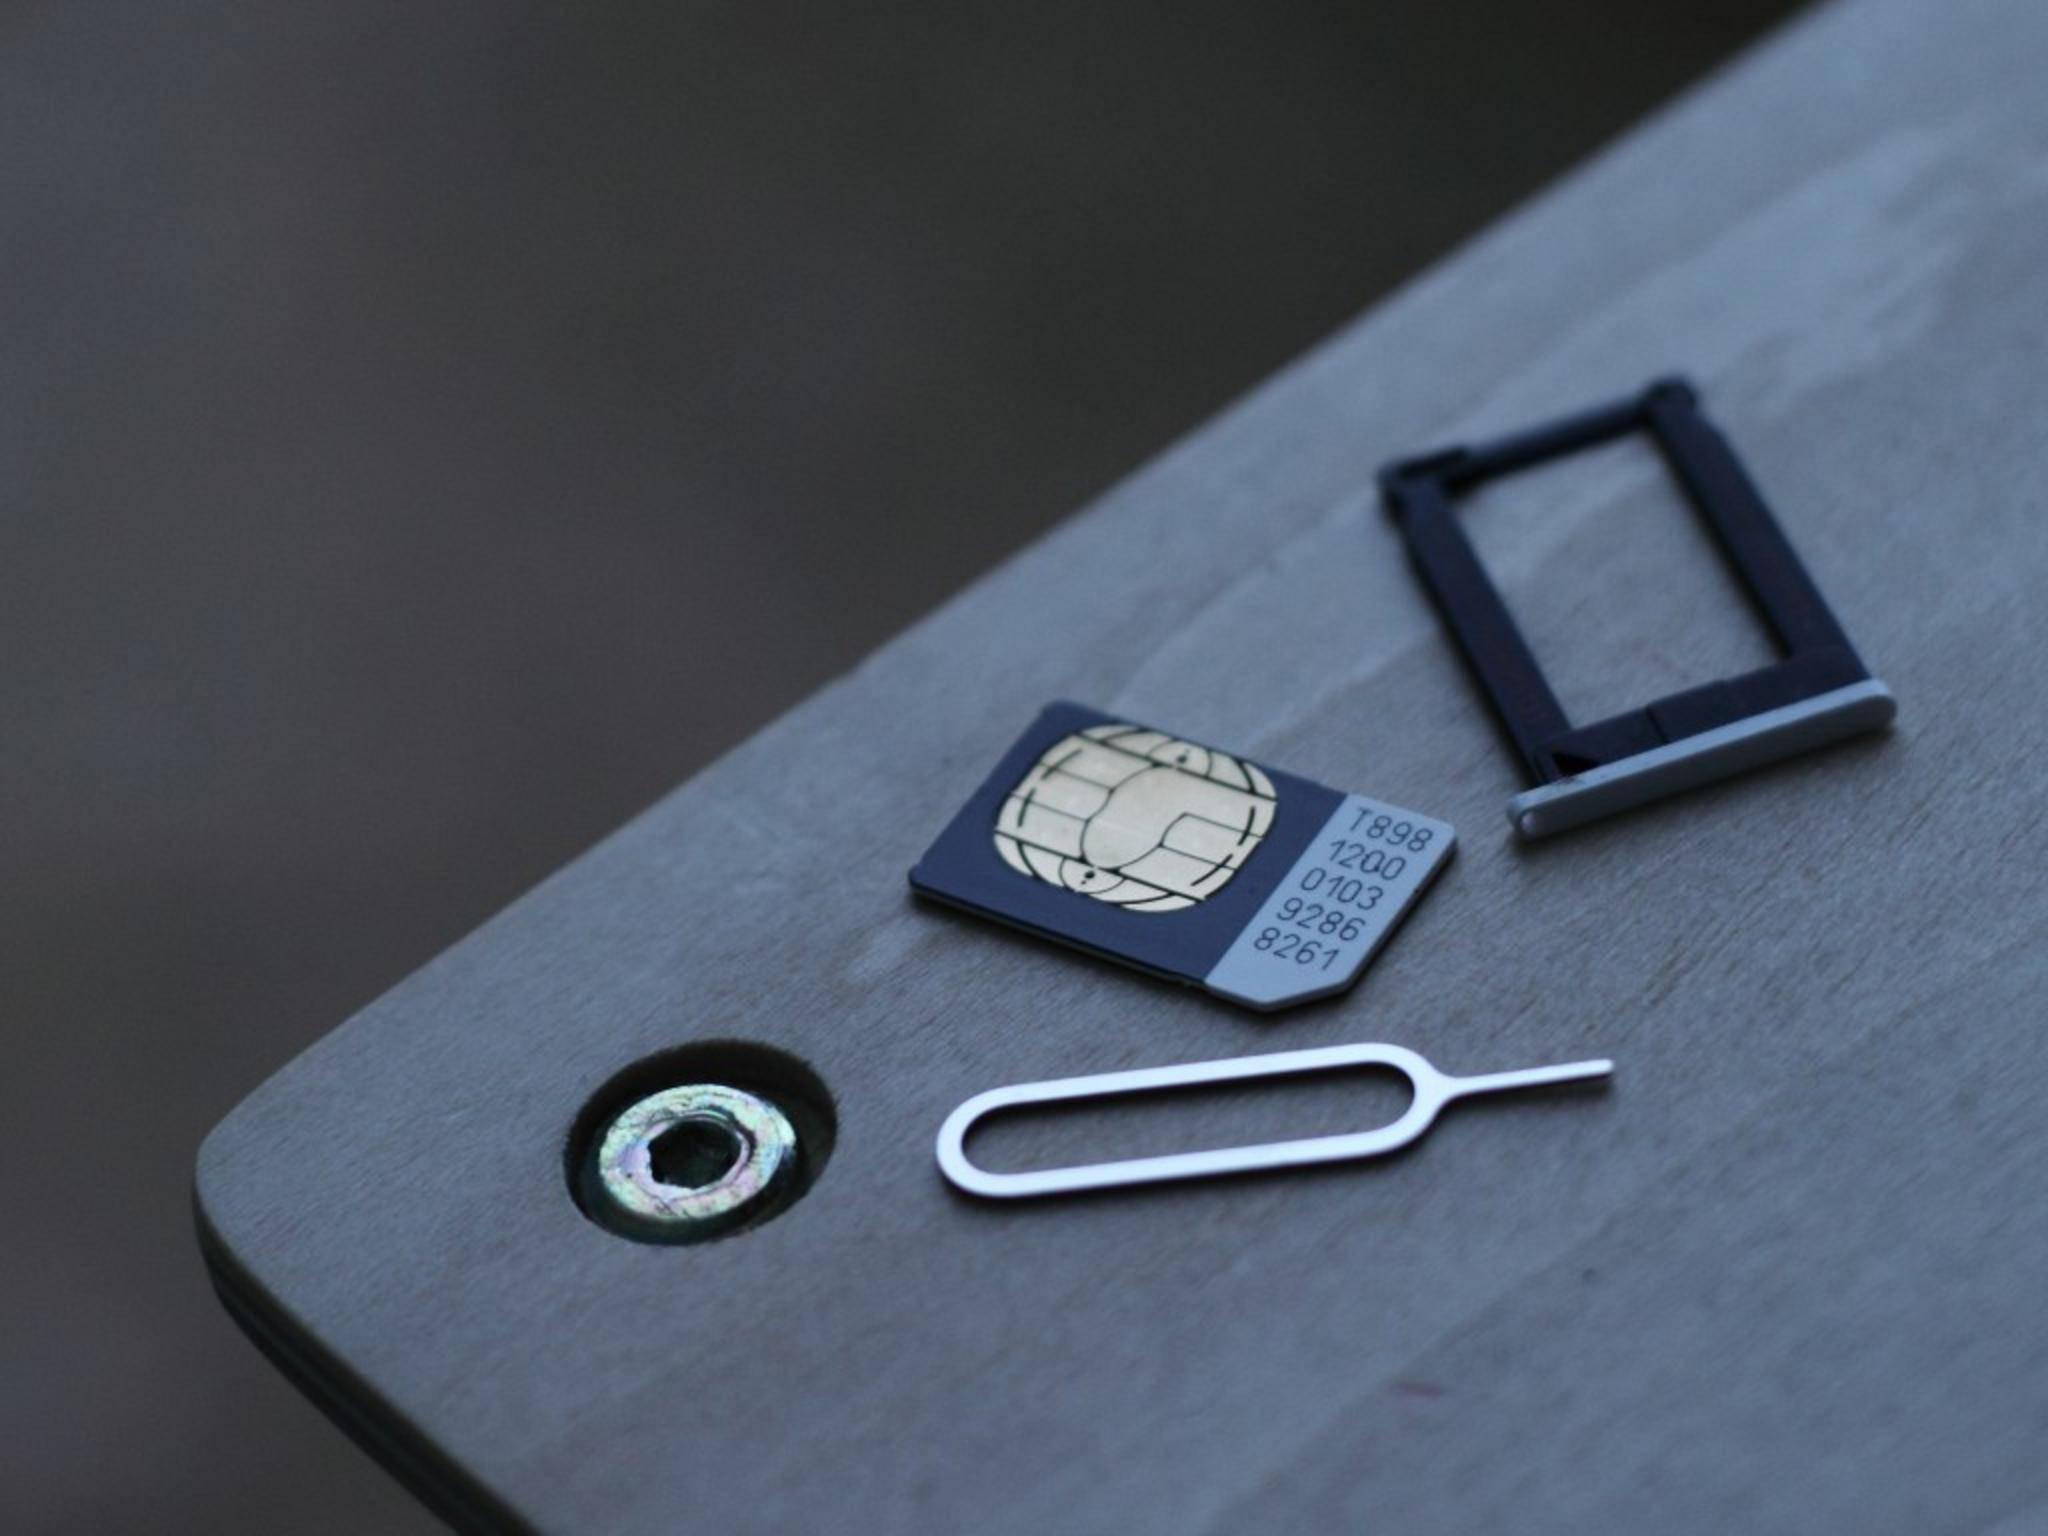 Eine SIM-Karte kann mit einem speziellen Passwort ausgestattet werden.